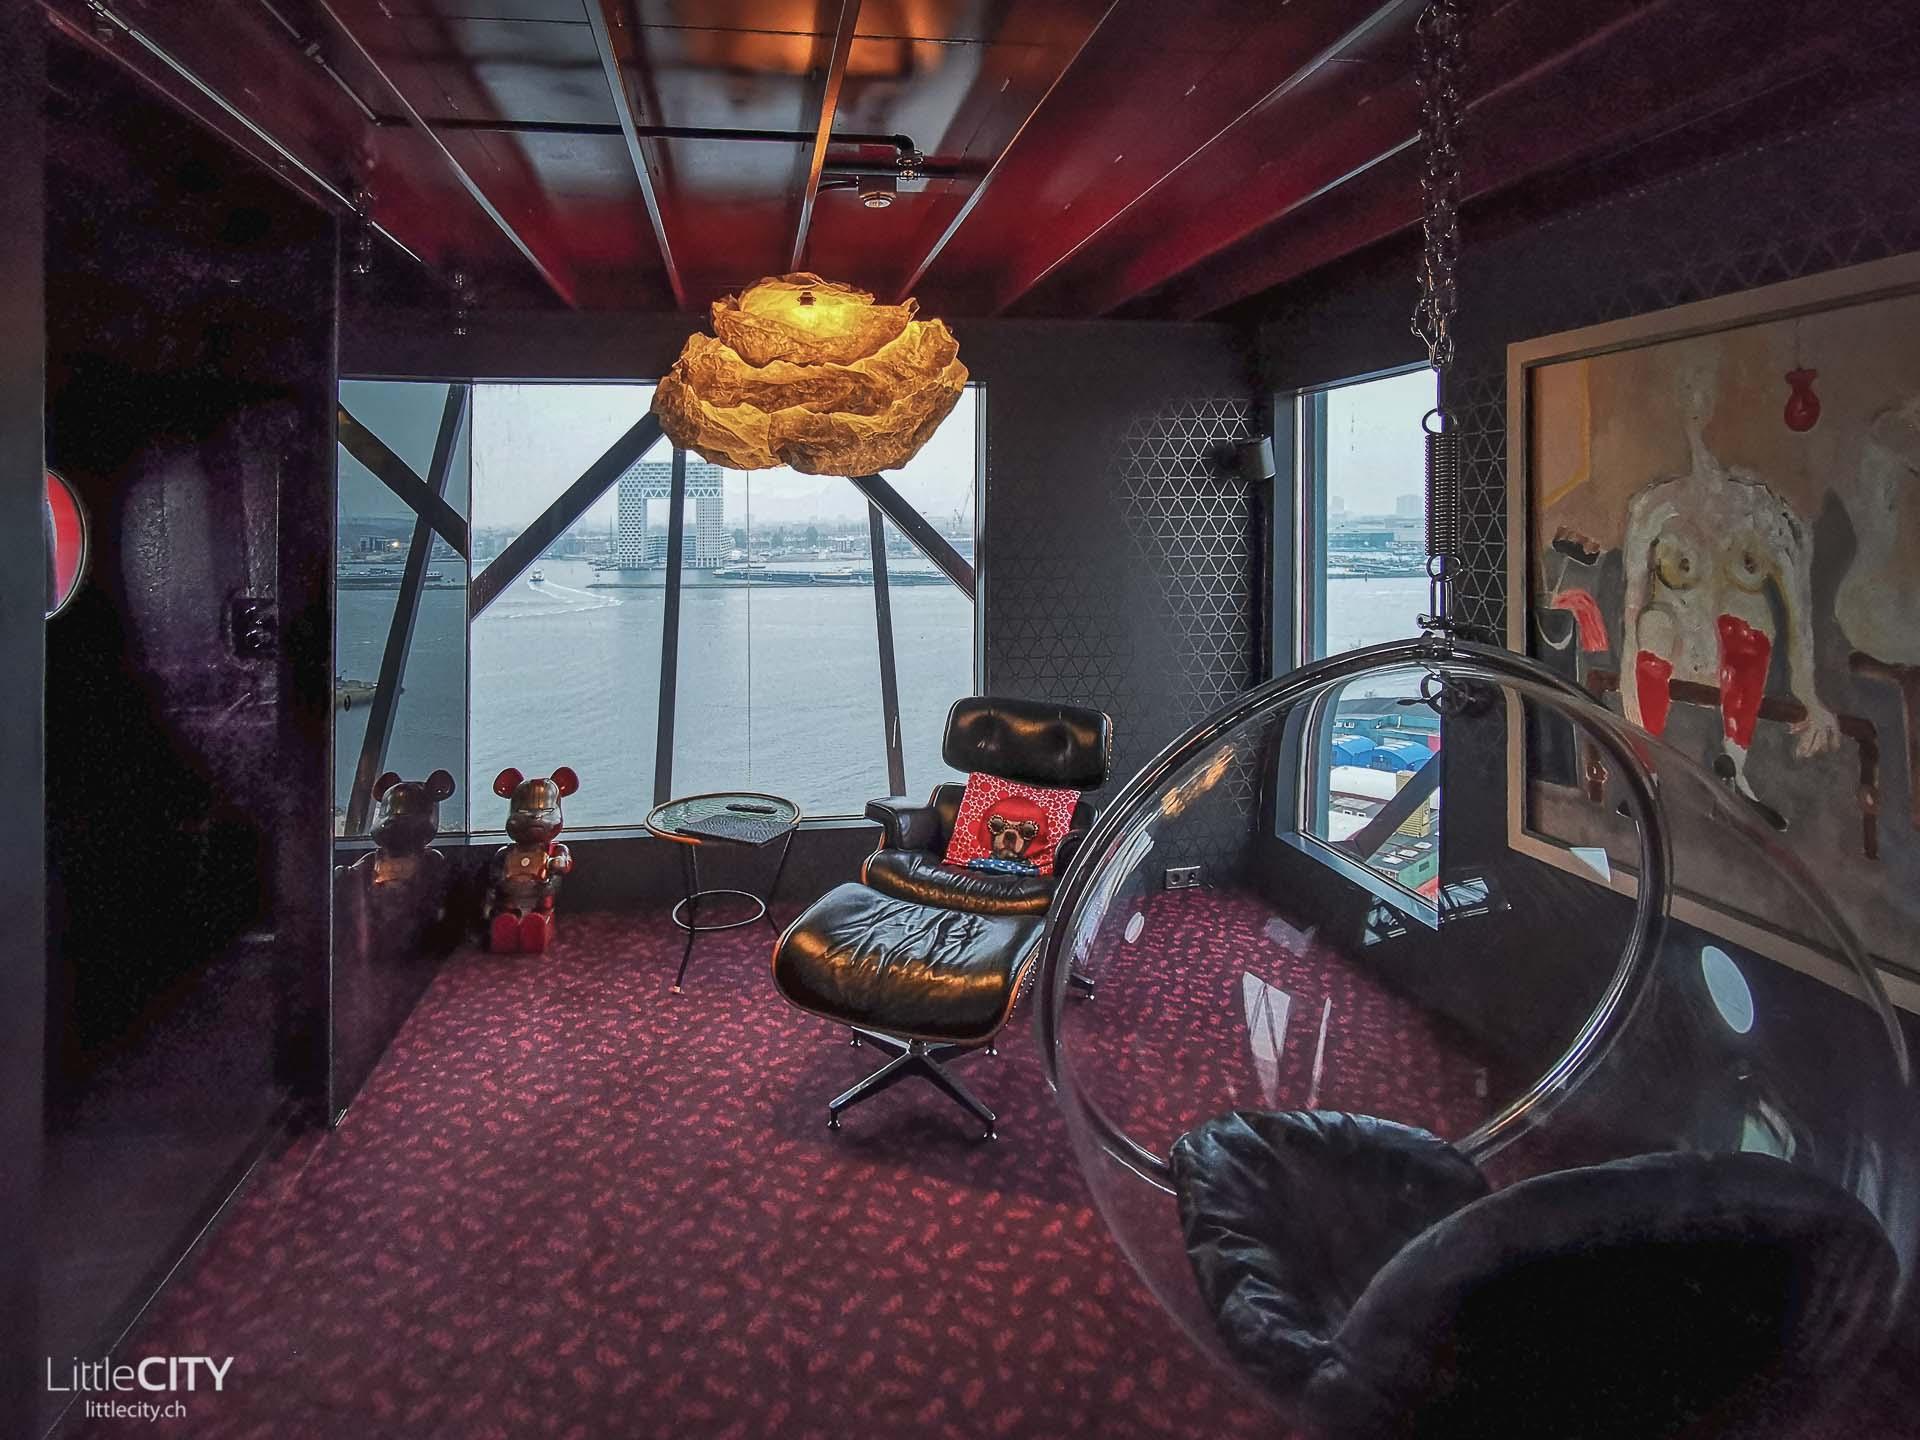 Amsterdam Crane Hotel Faralda NDSM Werf